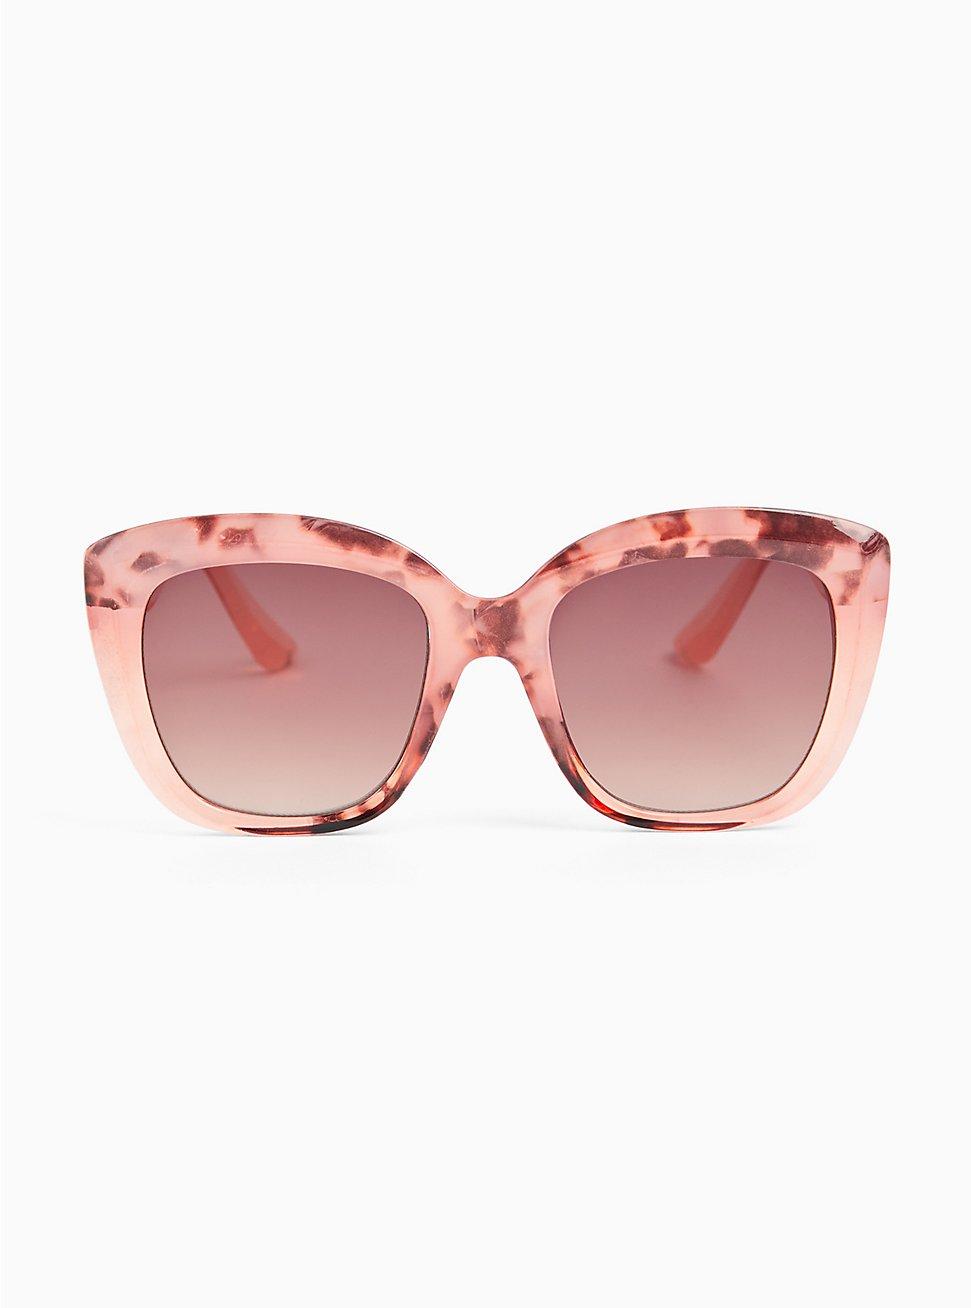 Pink Speckled Cat Eye Sunglasses, , hi-res